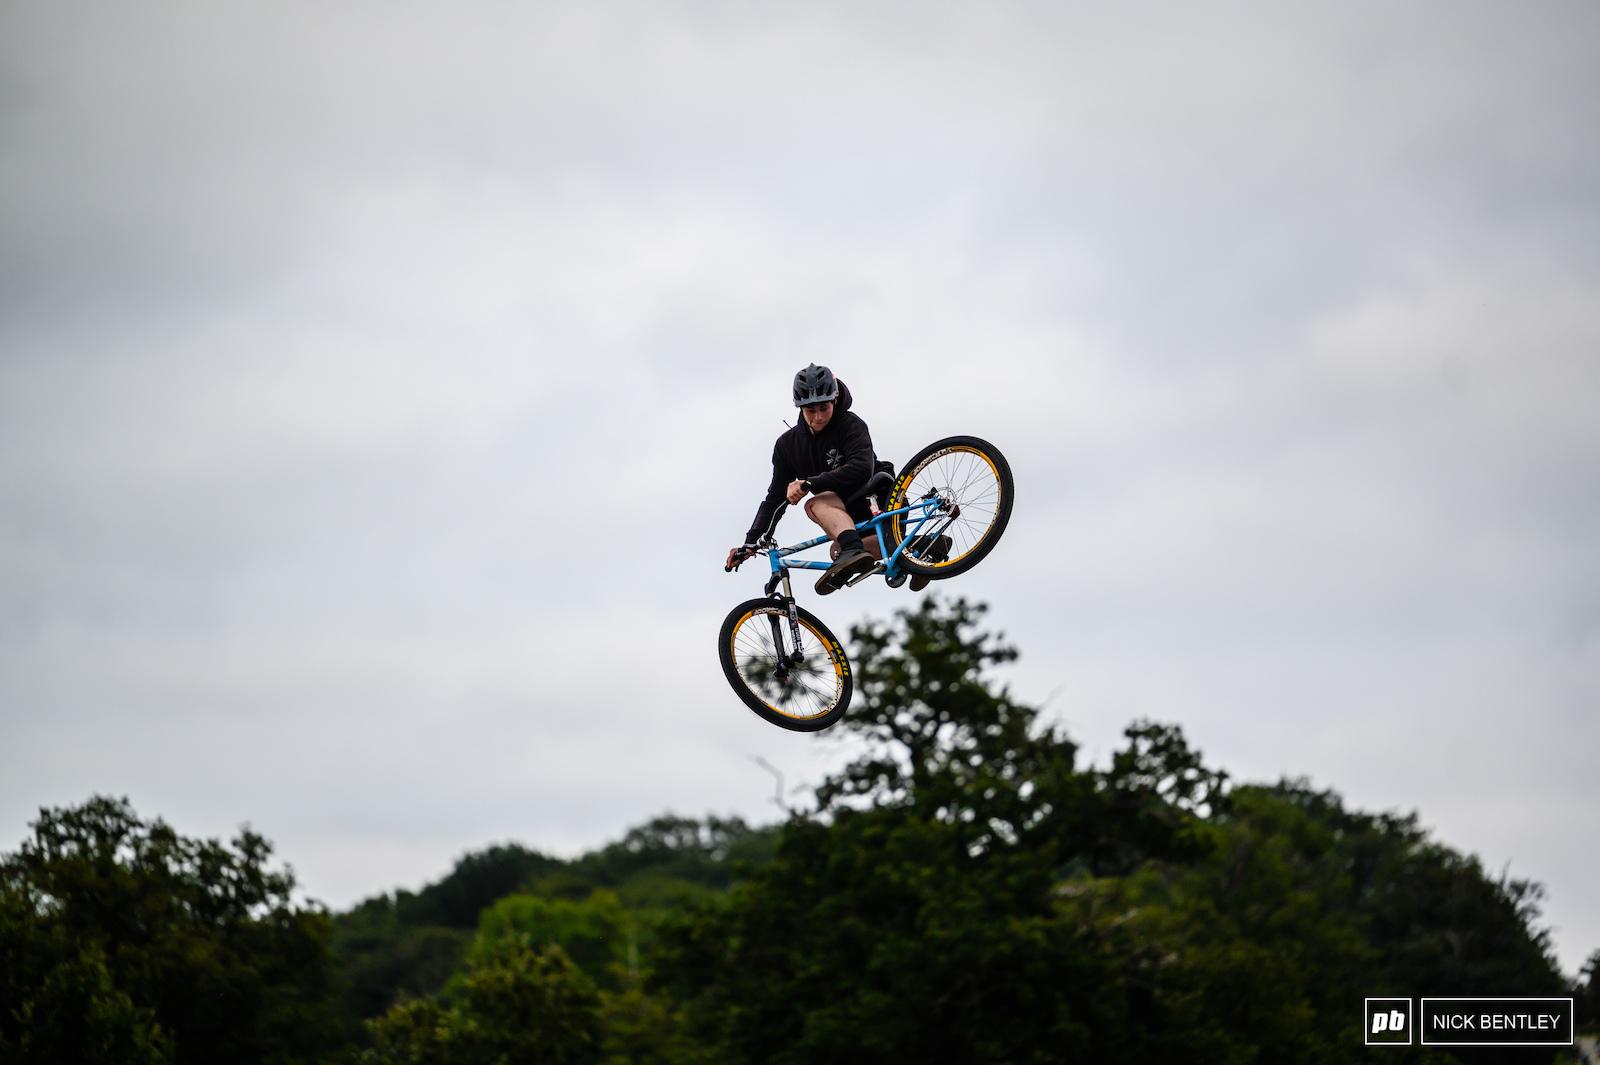 JJ Scott whipping as high as the treeline